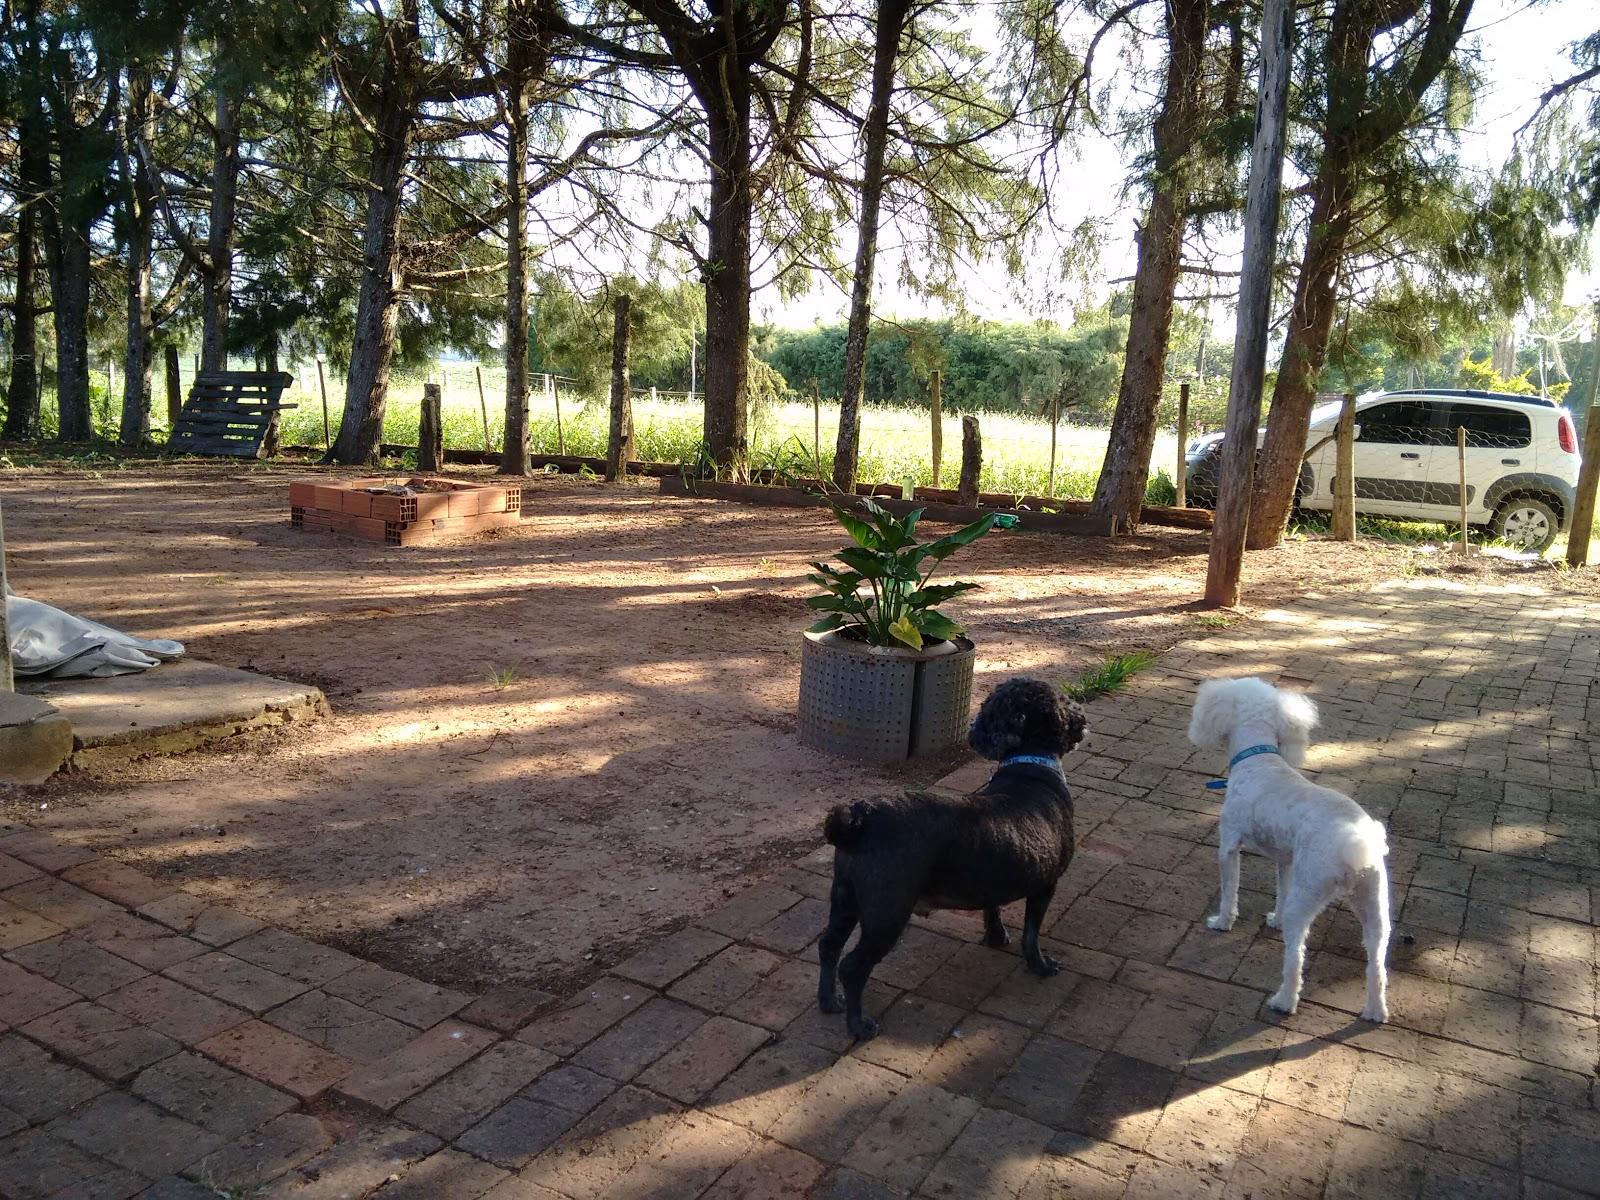 Floquinho and Picolino on farm house